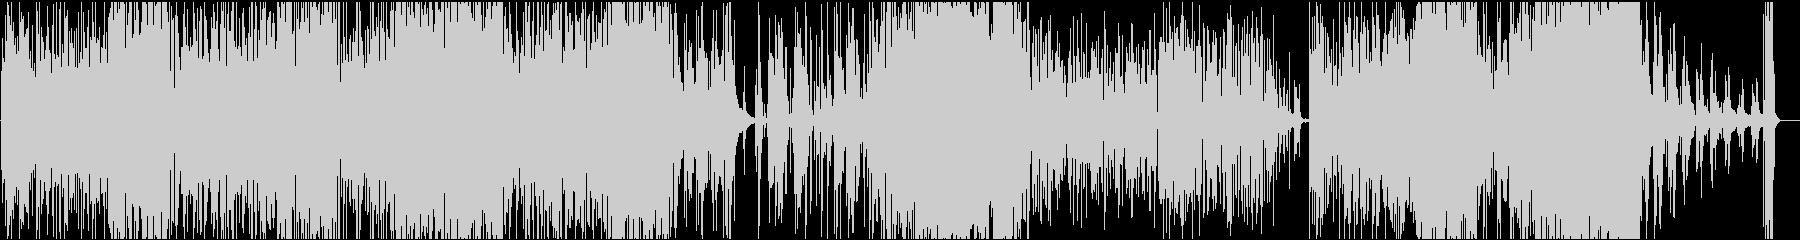 山の神様の未再生の波形